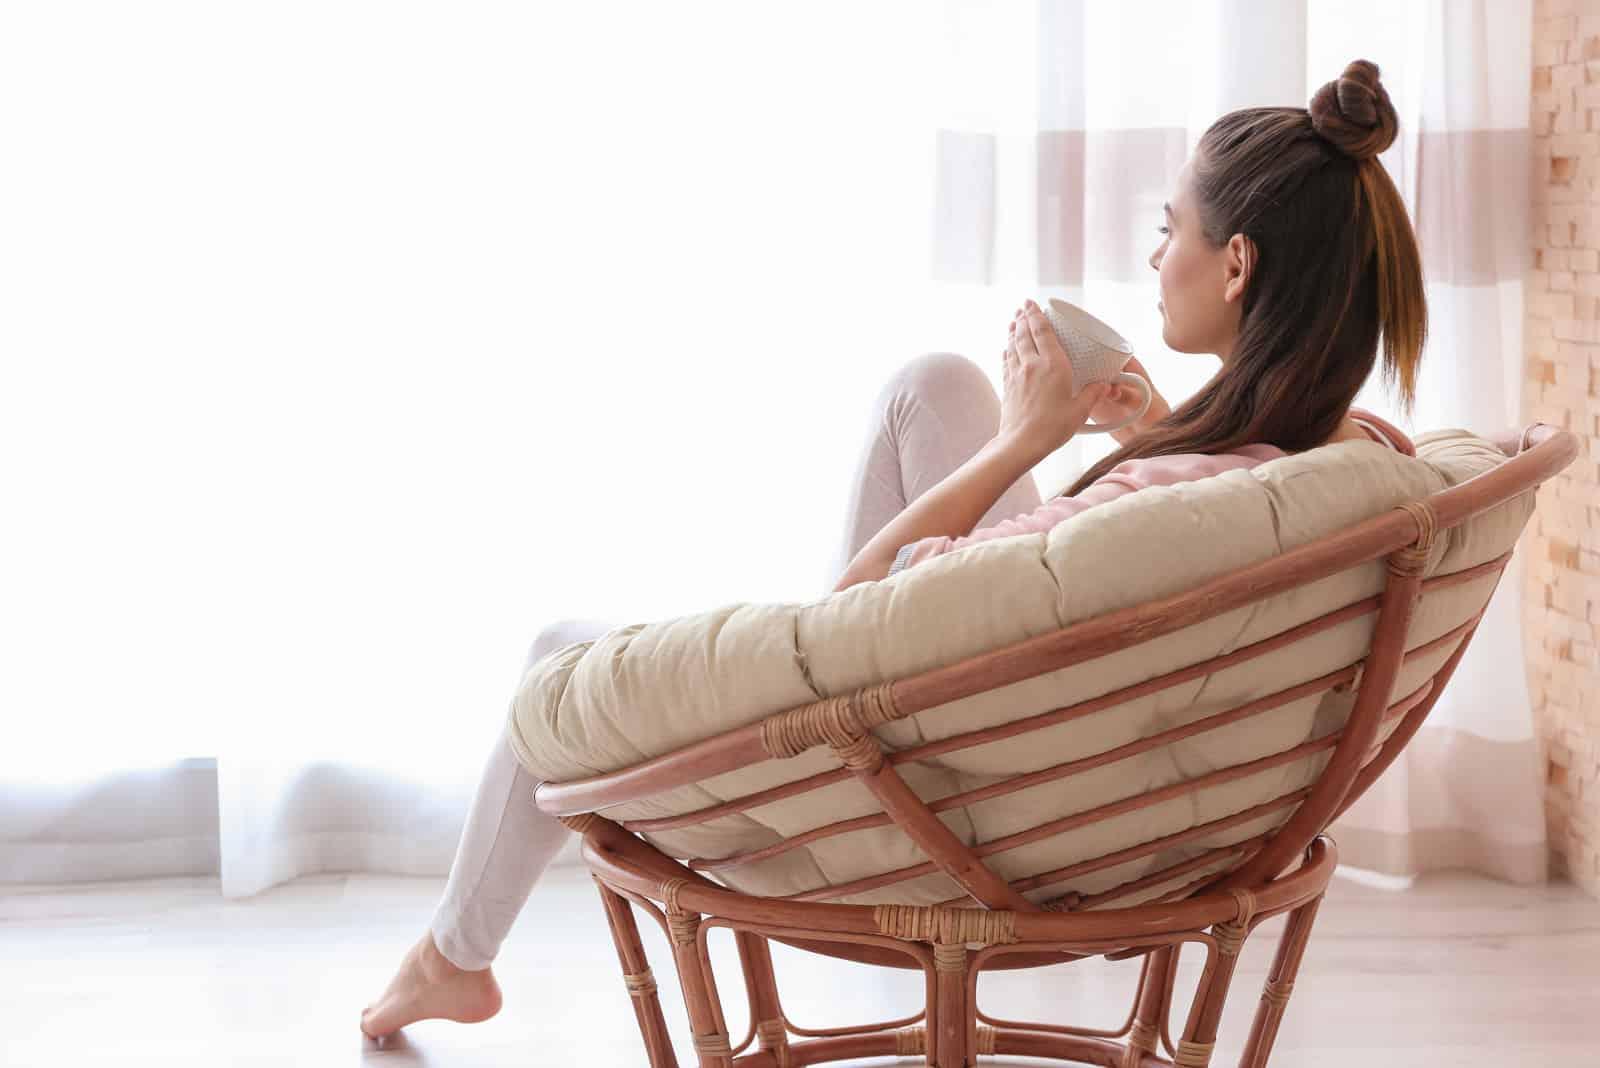 eine imaginäre Frau, die auf einem Stuhl sitzt und Kaffee trinkt und vor sich schaut